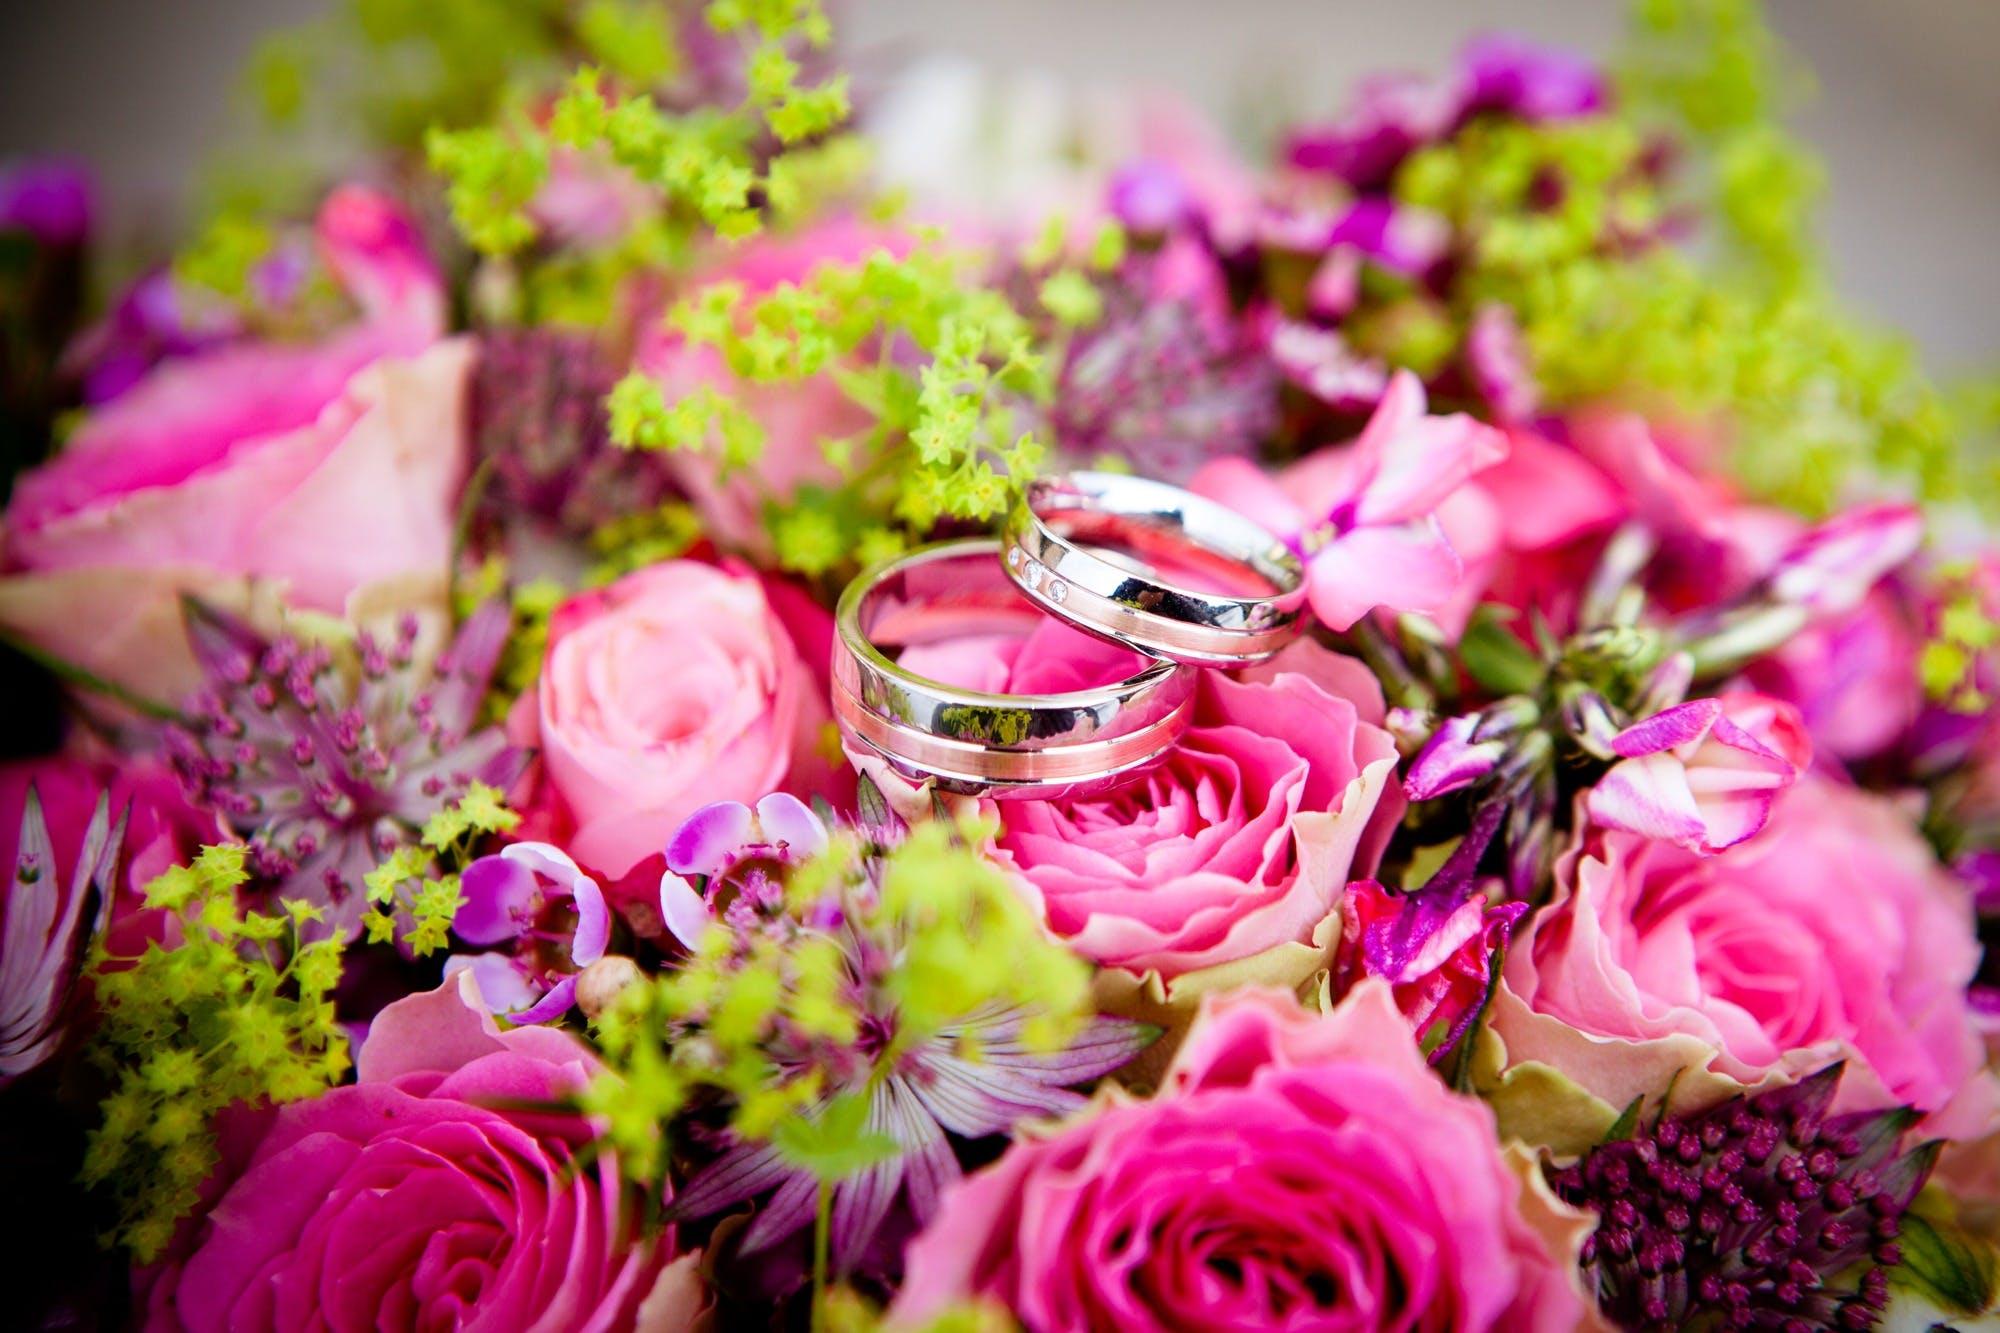 Δωρεάν στοκ φωτογραφιών με βέρες, γαμήλια τελετή, γιορτή, ειδύλλιο